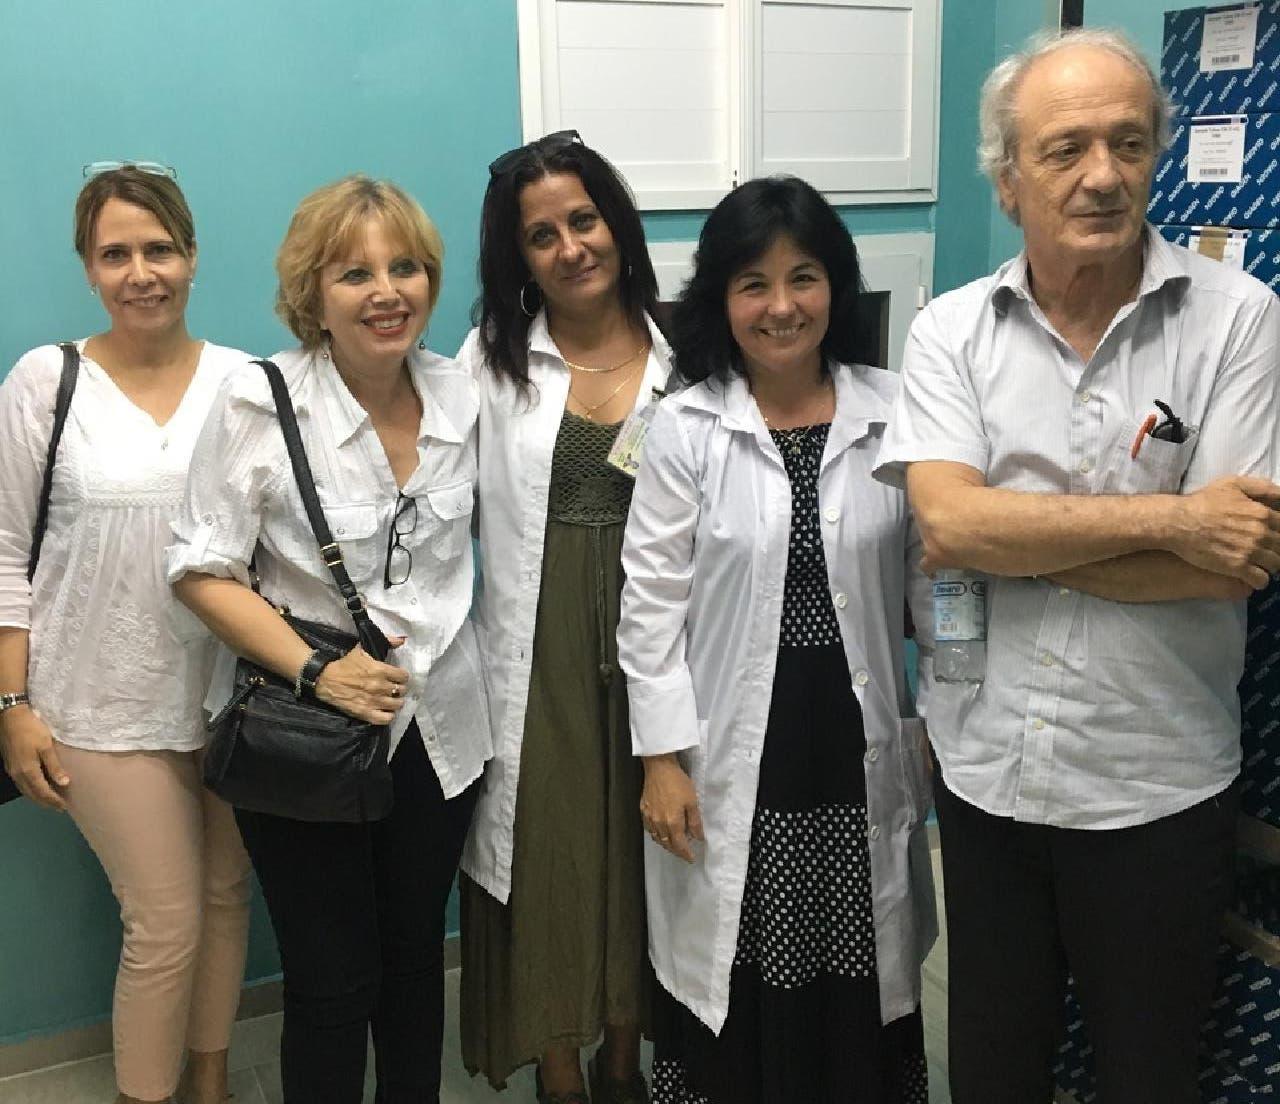 Ex-SP-Fraktionschef Franco Cavalli mit medizinischem Fachpersonal in Kuba